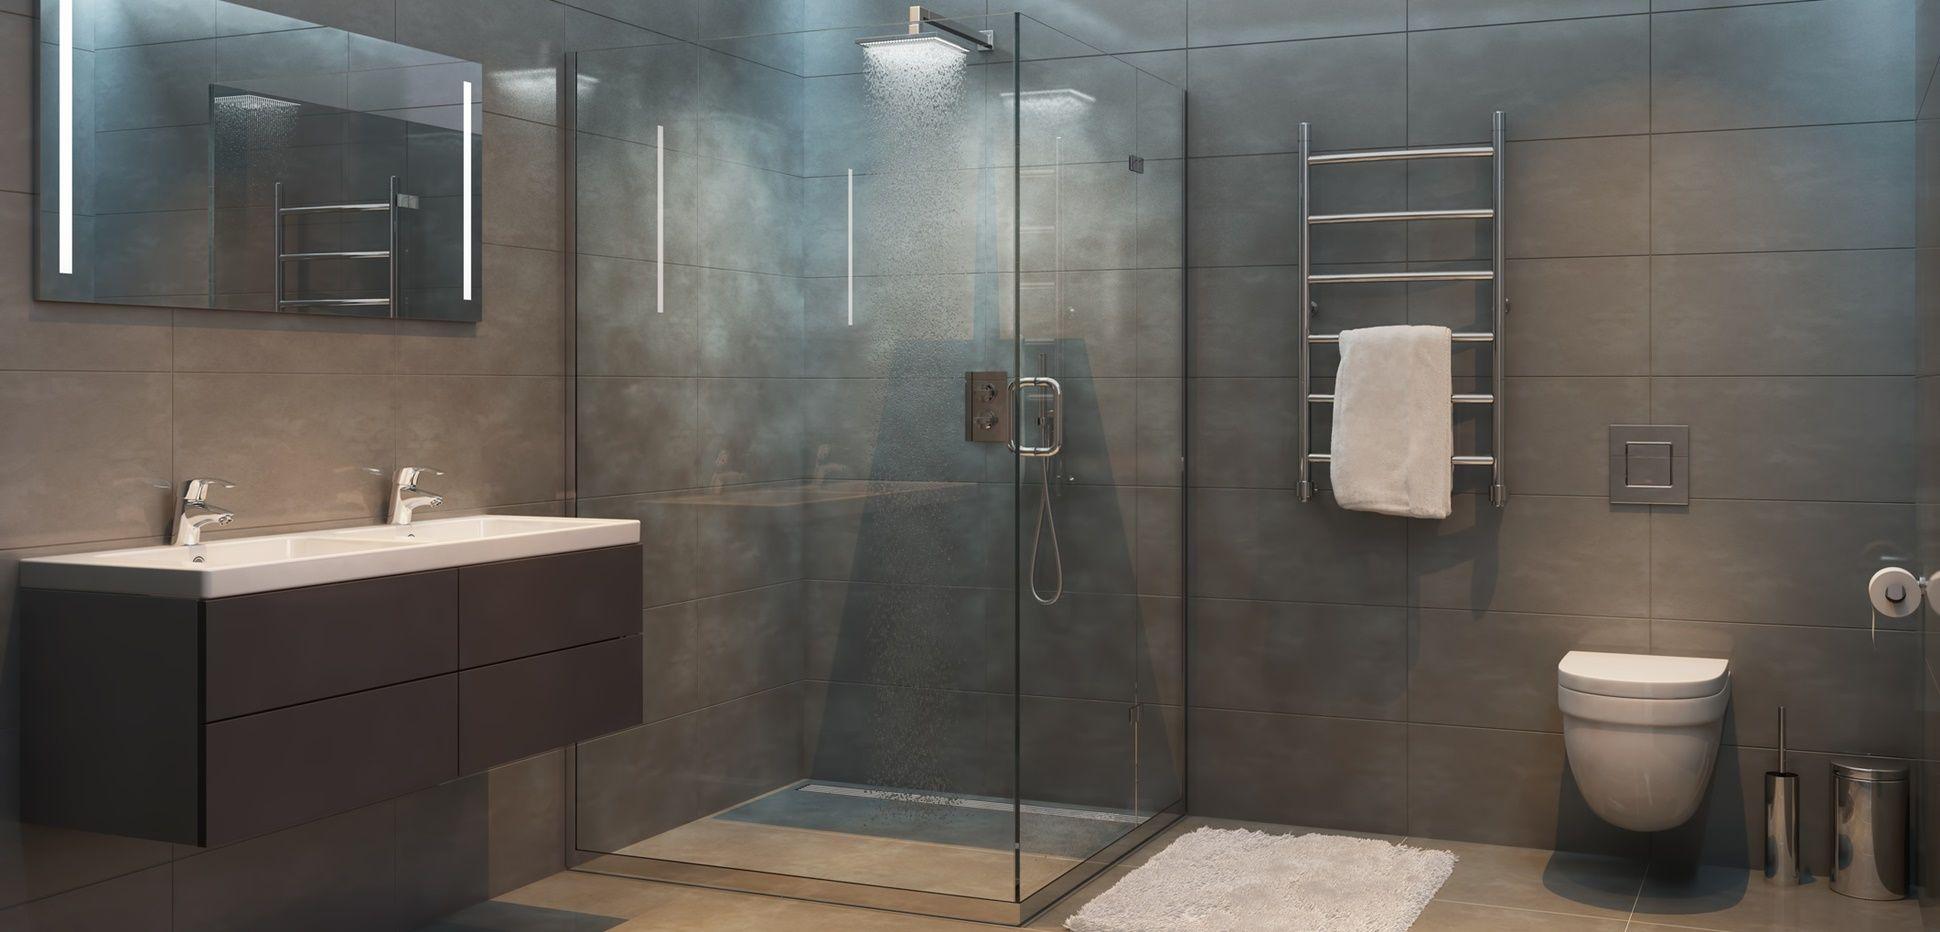 Bodengleiche Dusche nachträglich einbauen Geht das